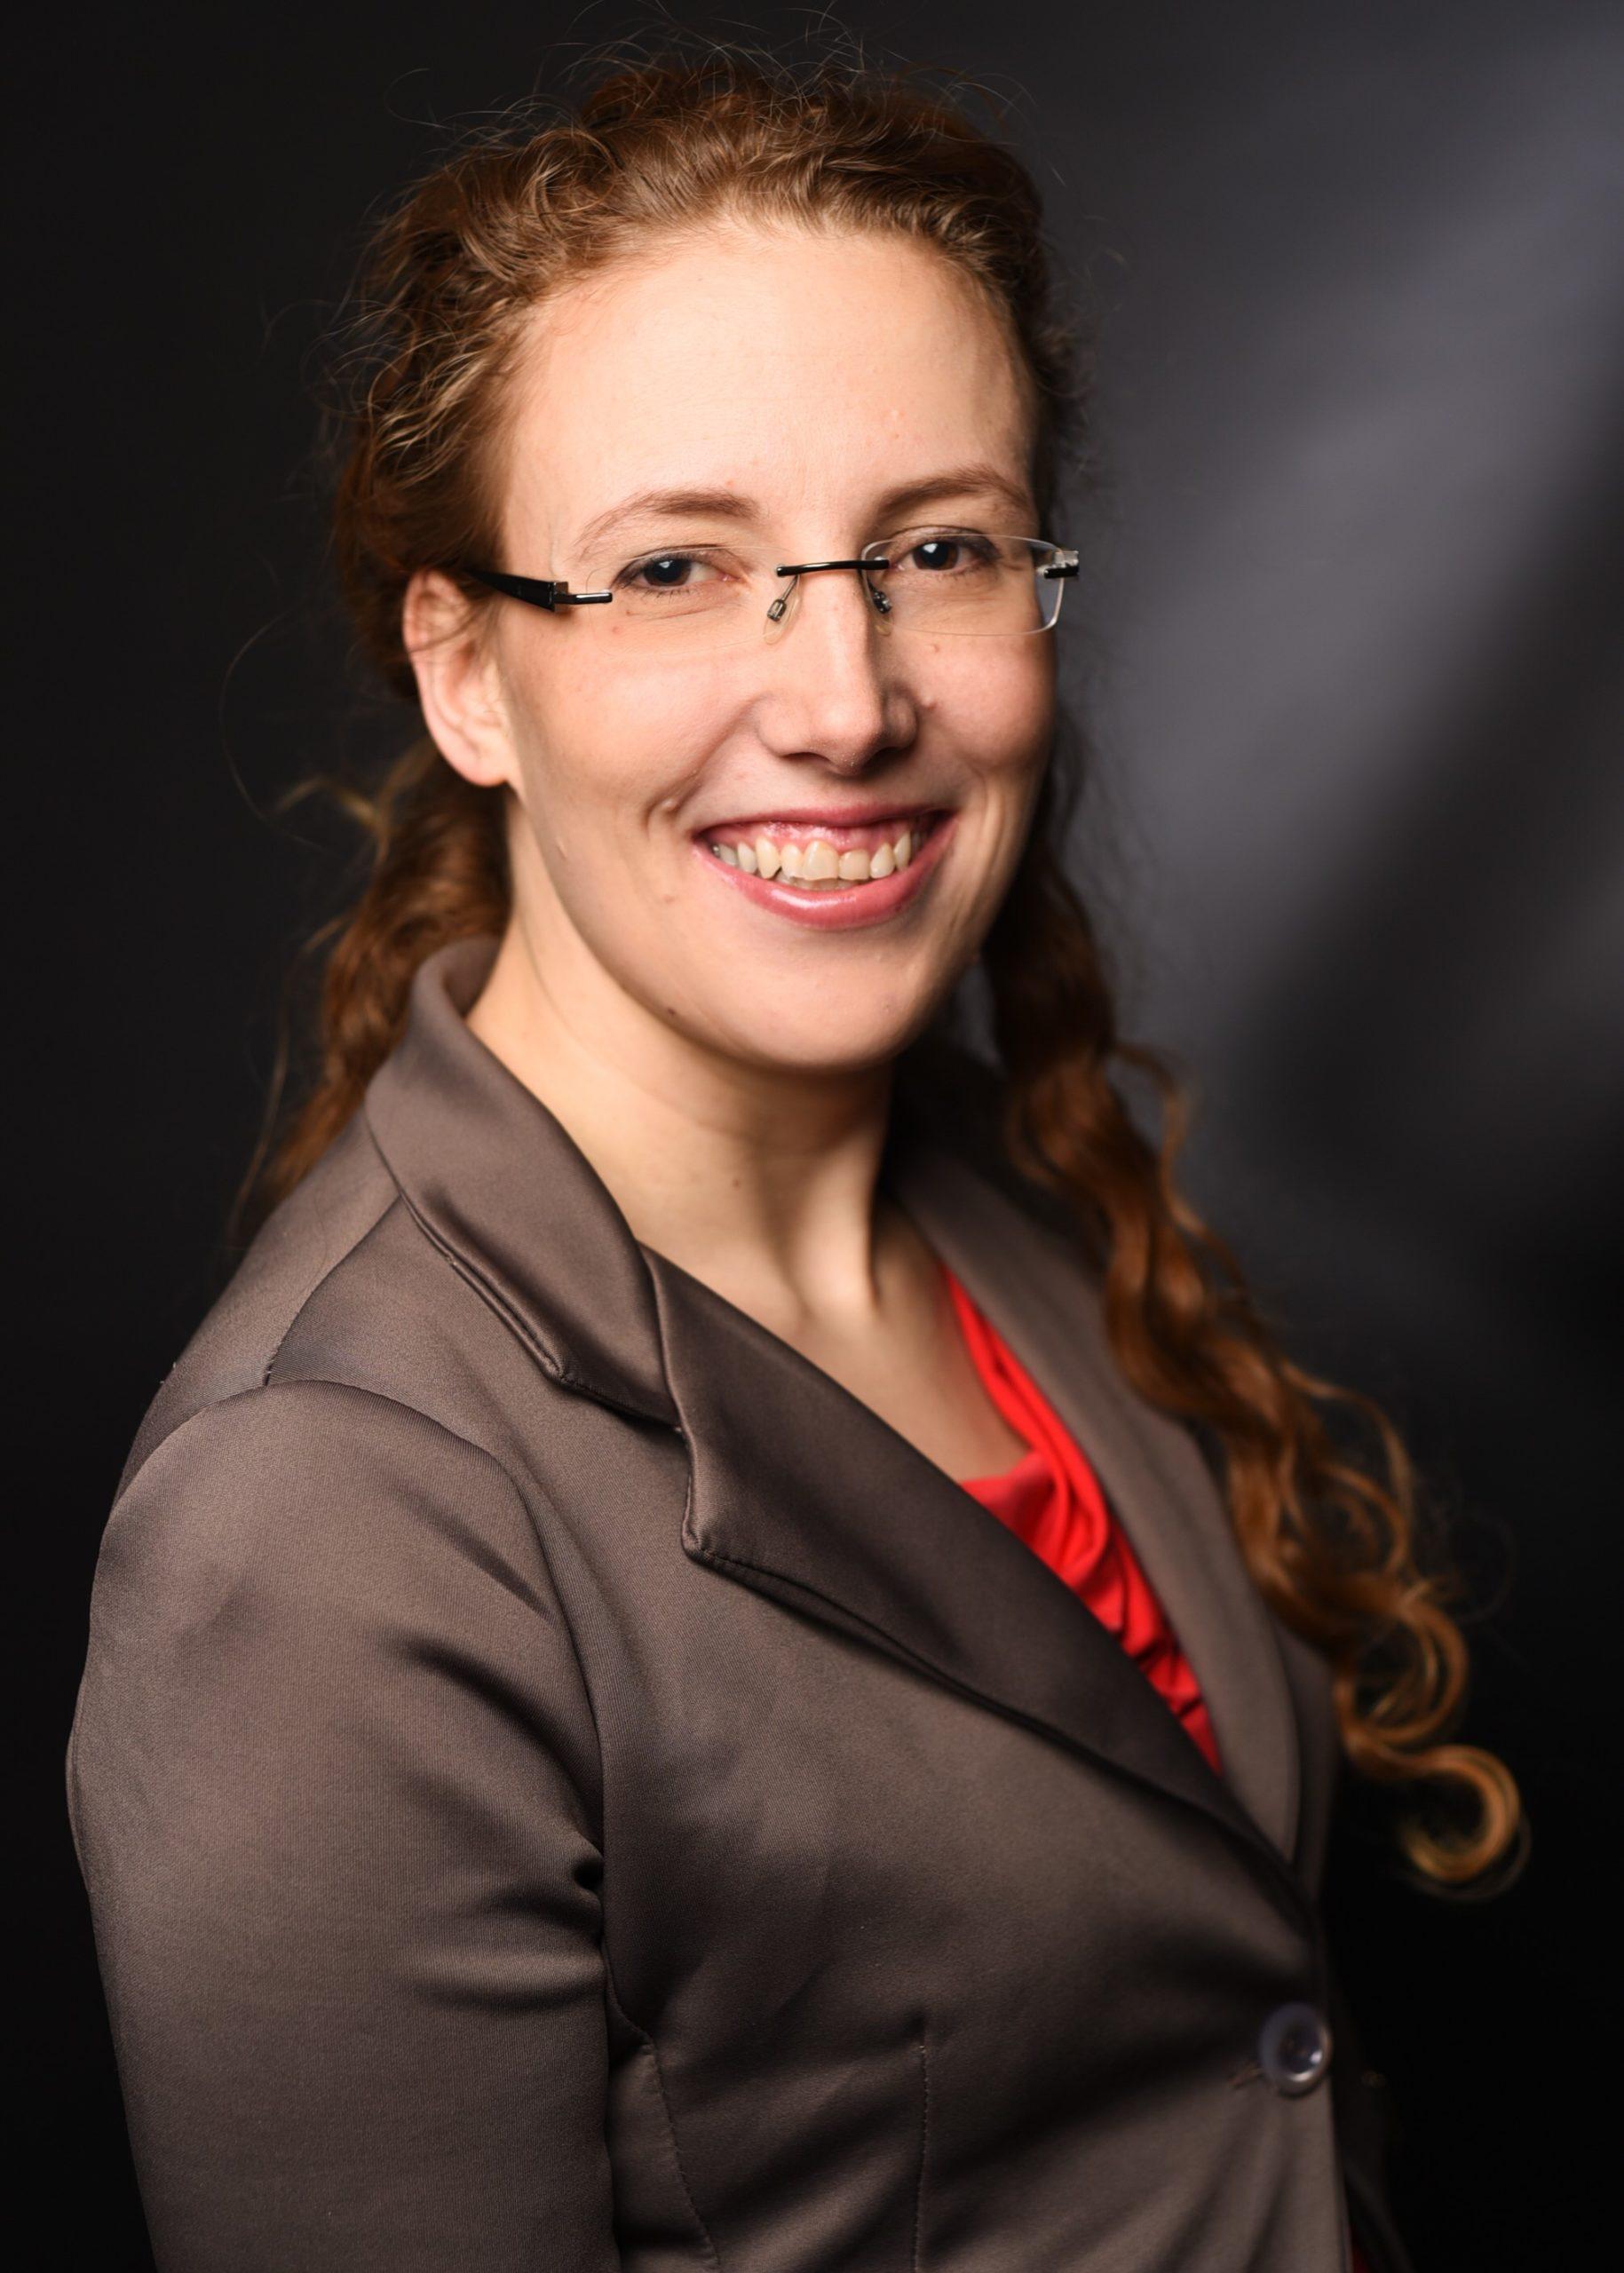 """Profilbild von Christin Buro, die Geschäftsführerin von der Pflegeberatung """"Eine helfende Hand"""""""